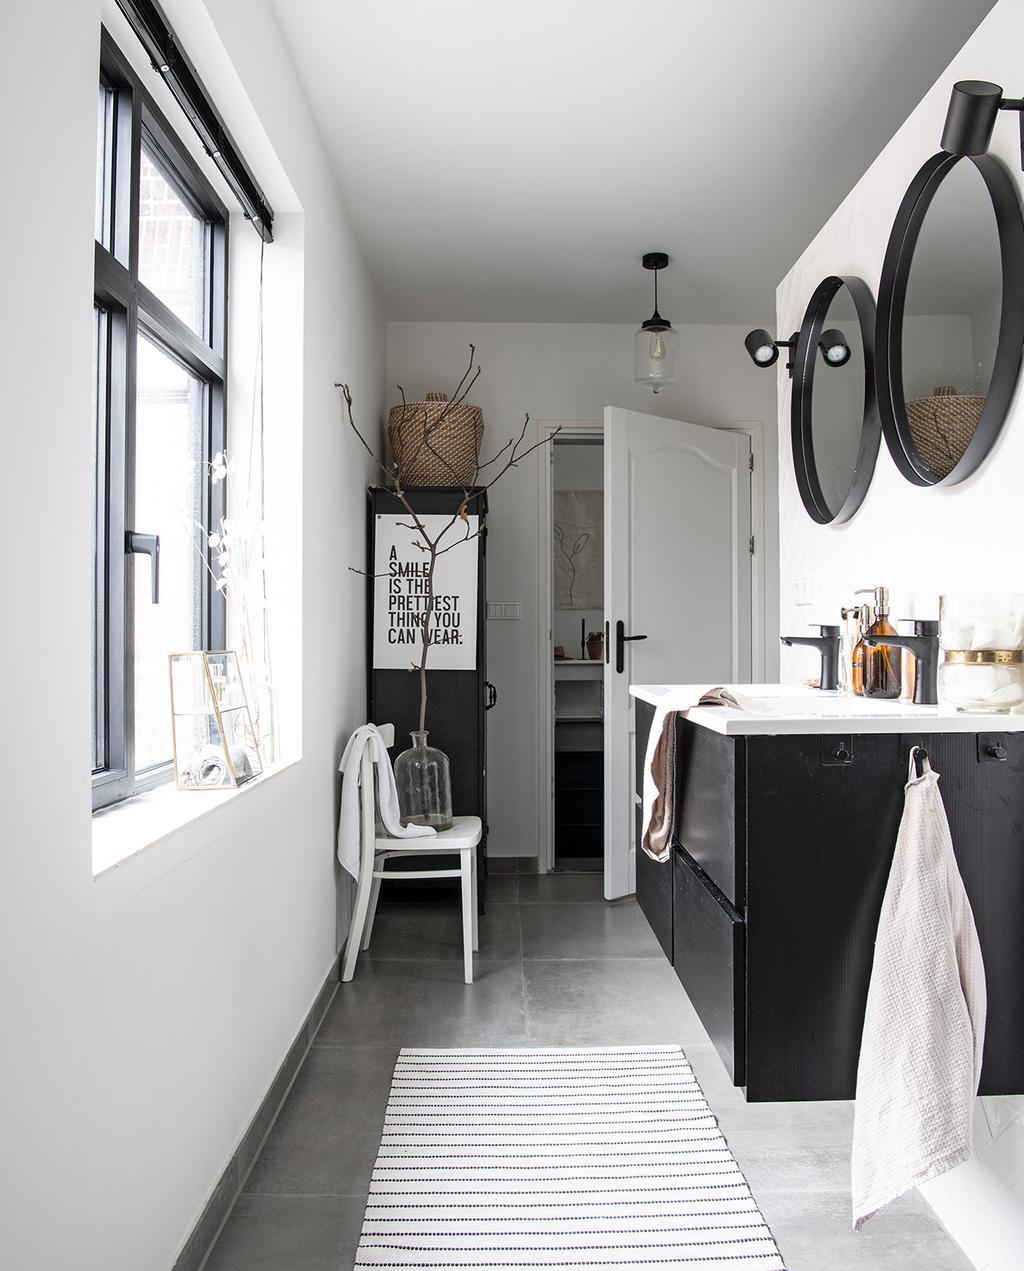 vtwonen 04-2021 | badkamer met zwart wastafelmeubel, ronde spiegels en witte stoel